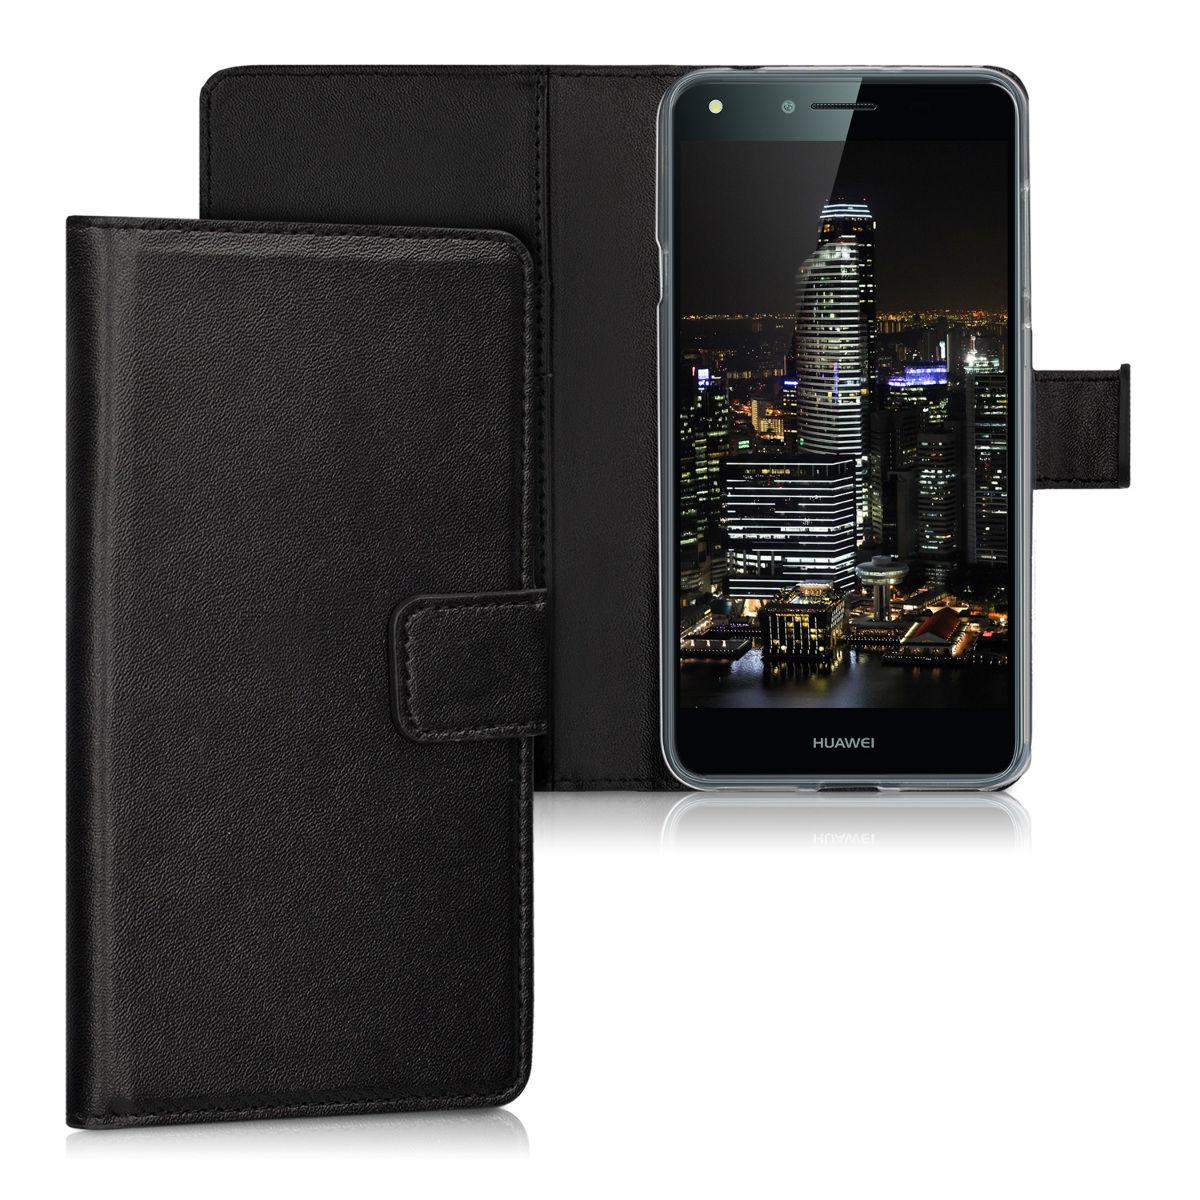 Pouzdro pro Huawei Y6 II Compact černé